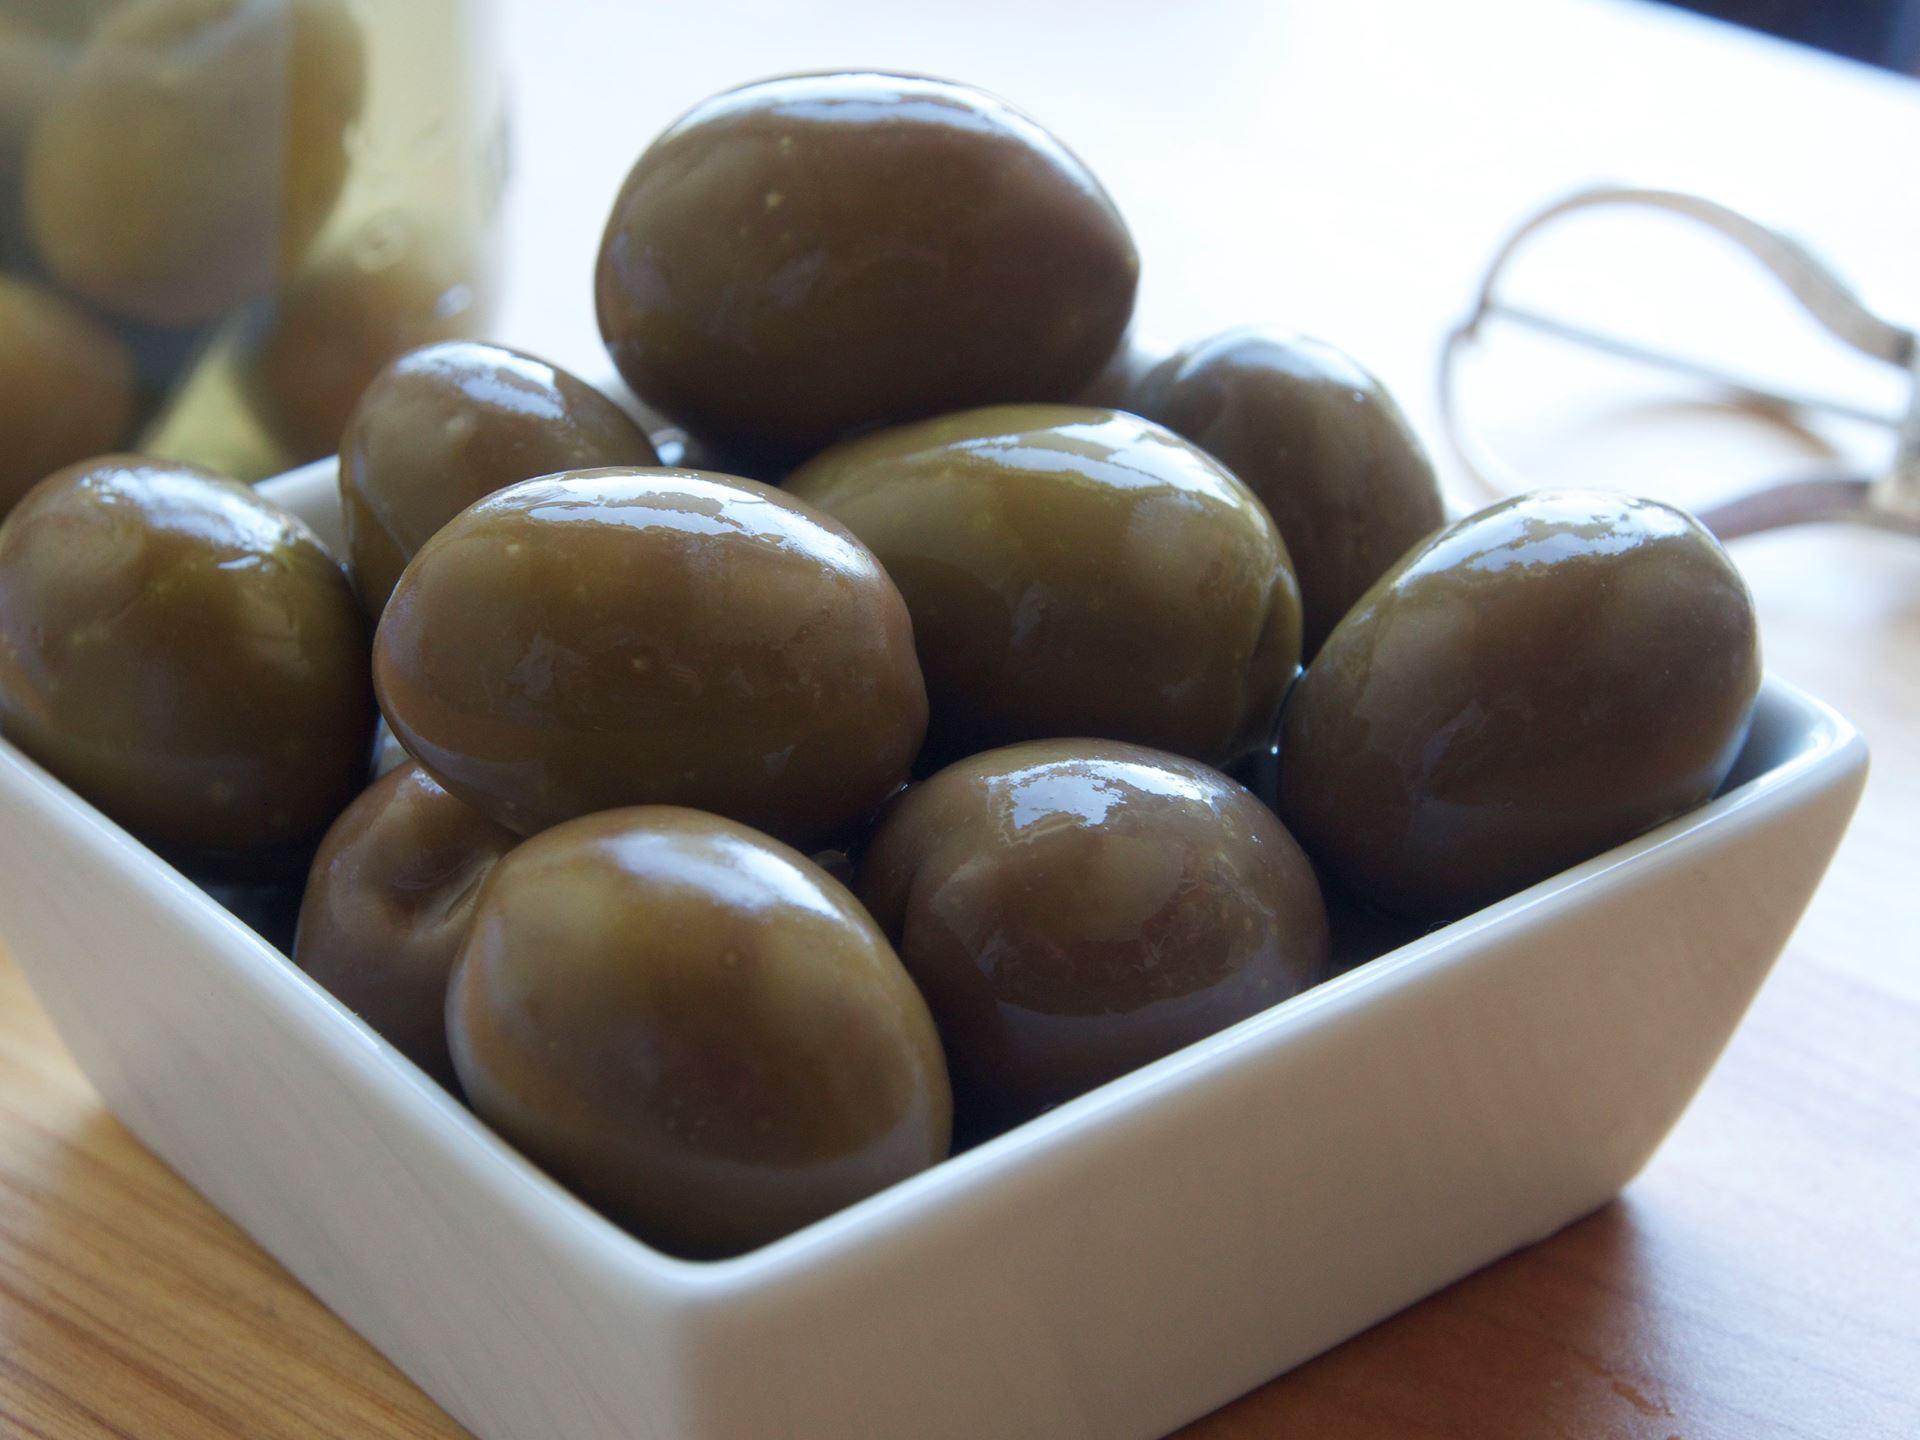 Picture of Good Faith Farm Tree Ripened Raw Sevillano Olives